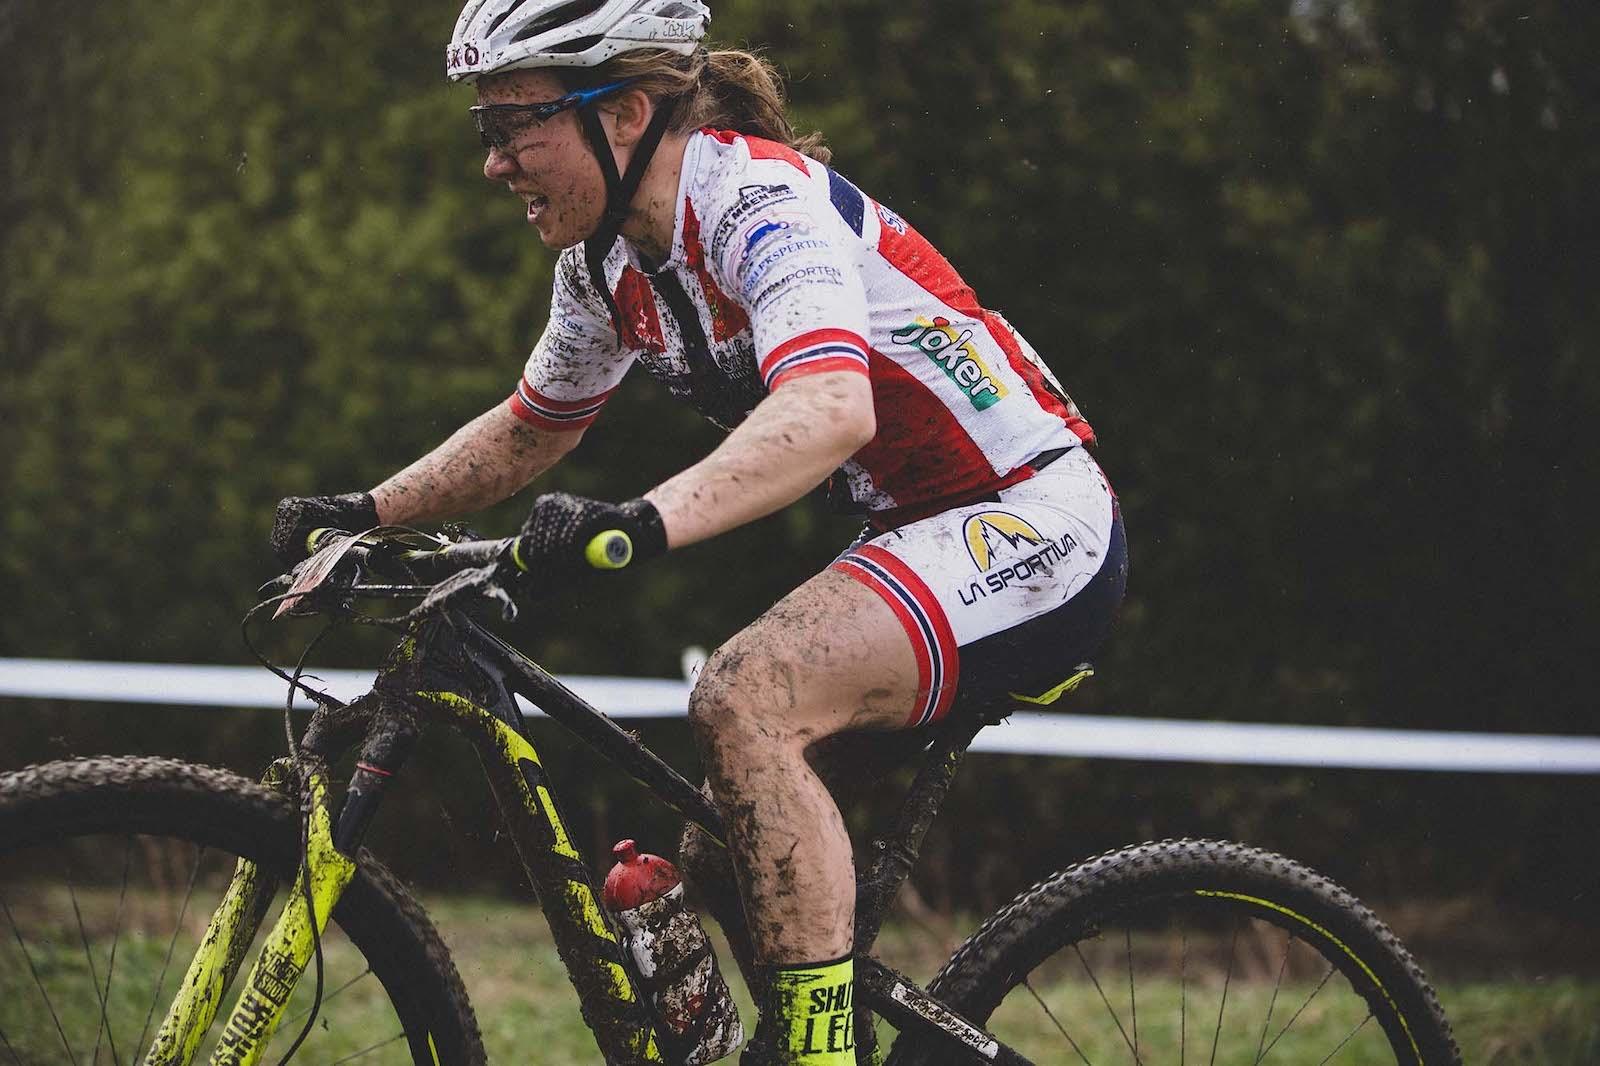 Helene Marie Fossesholm kom på andreplass i helgas UCI Junior Series-ritt i Graz, tilsvarende verdenscup for senior. Foto: Kristoffer H. Kippernes